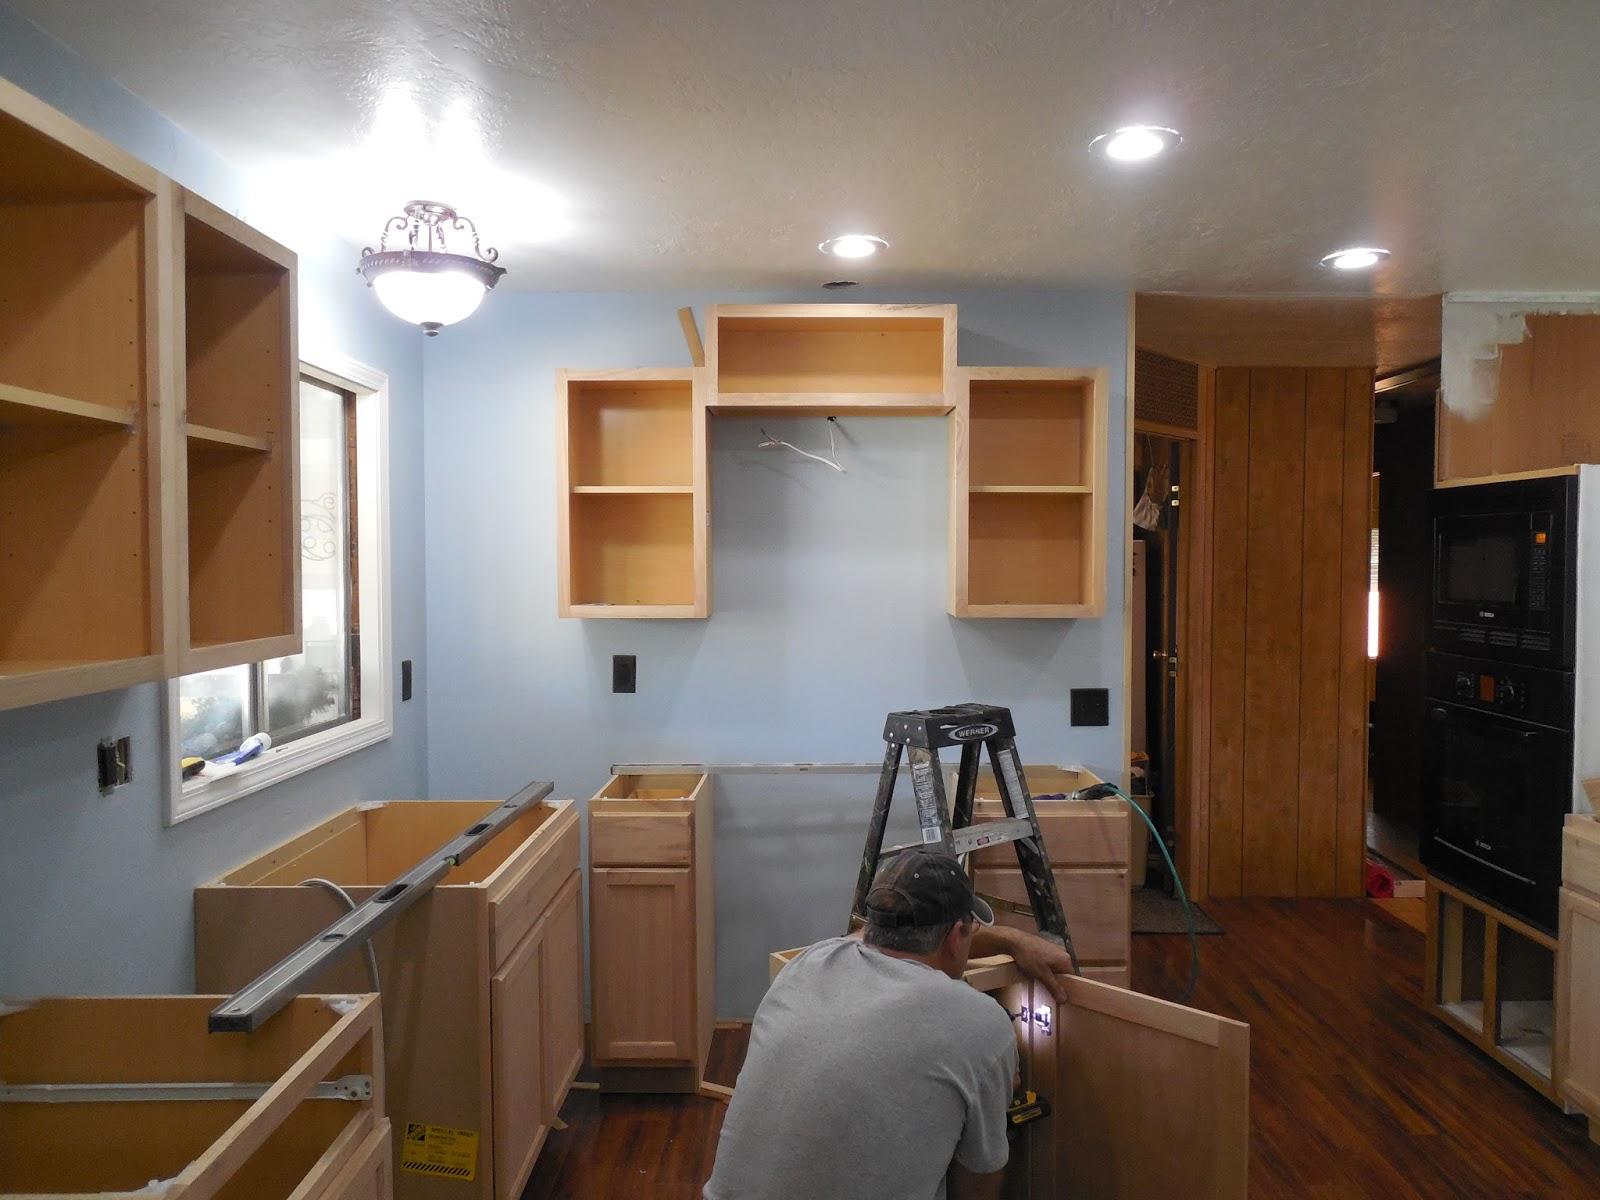 kitchen remodel the diva farmer. Black Bedroom Furniture Sets. Home Design Ideas